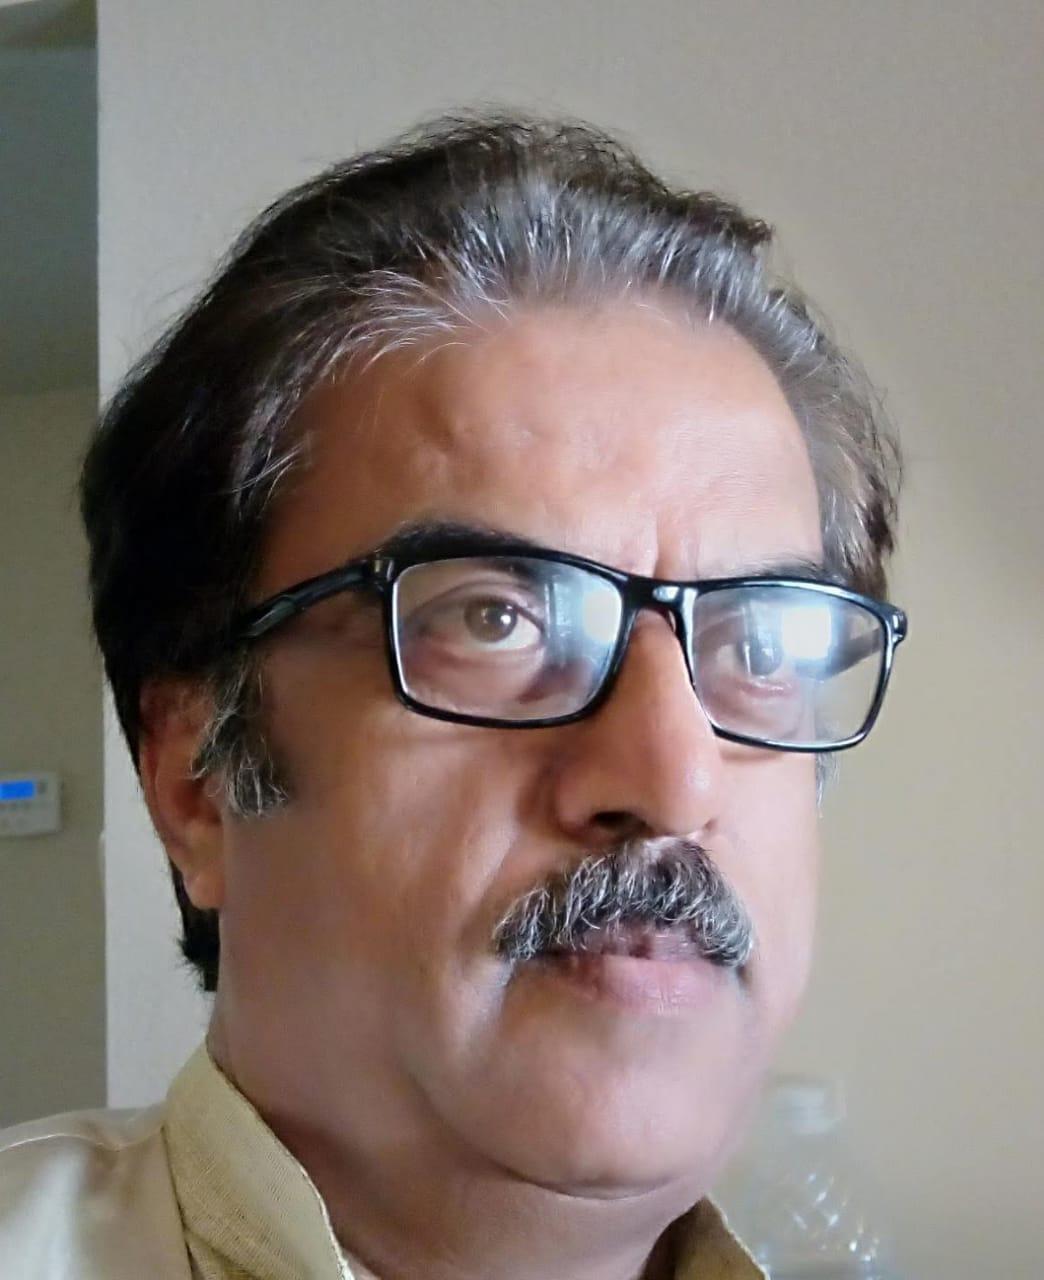 जीवन में सफलता के लिए इंसान होना पहली शर्त और स्वाभिमान होना दूसरी शर्त- राजेश राज